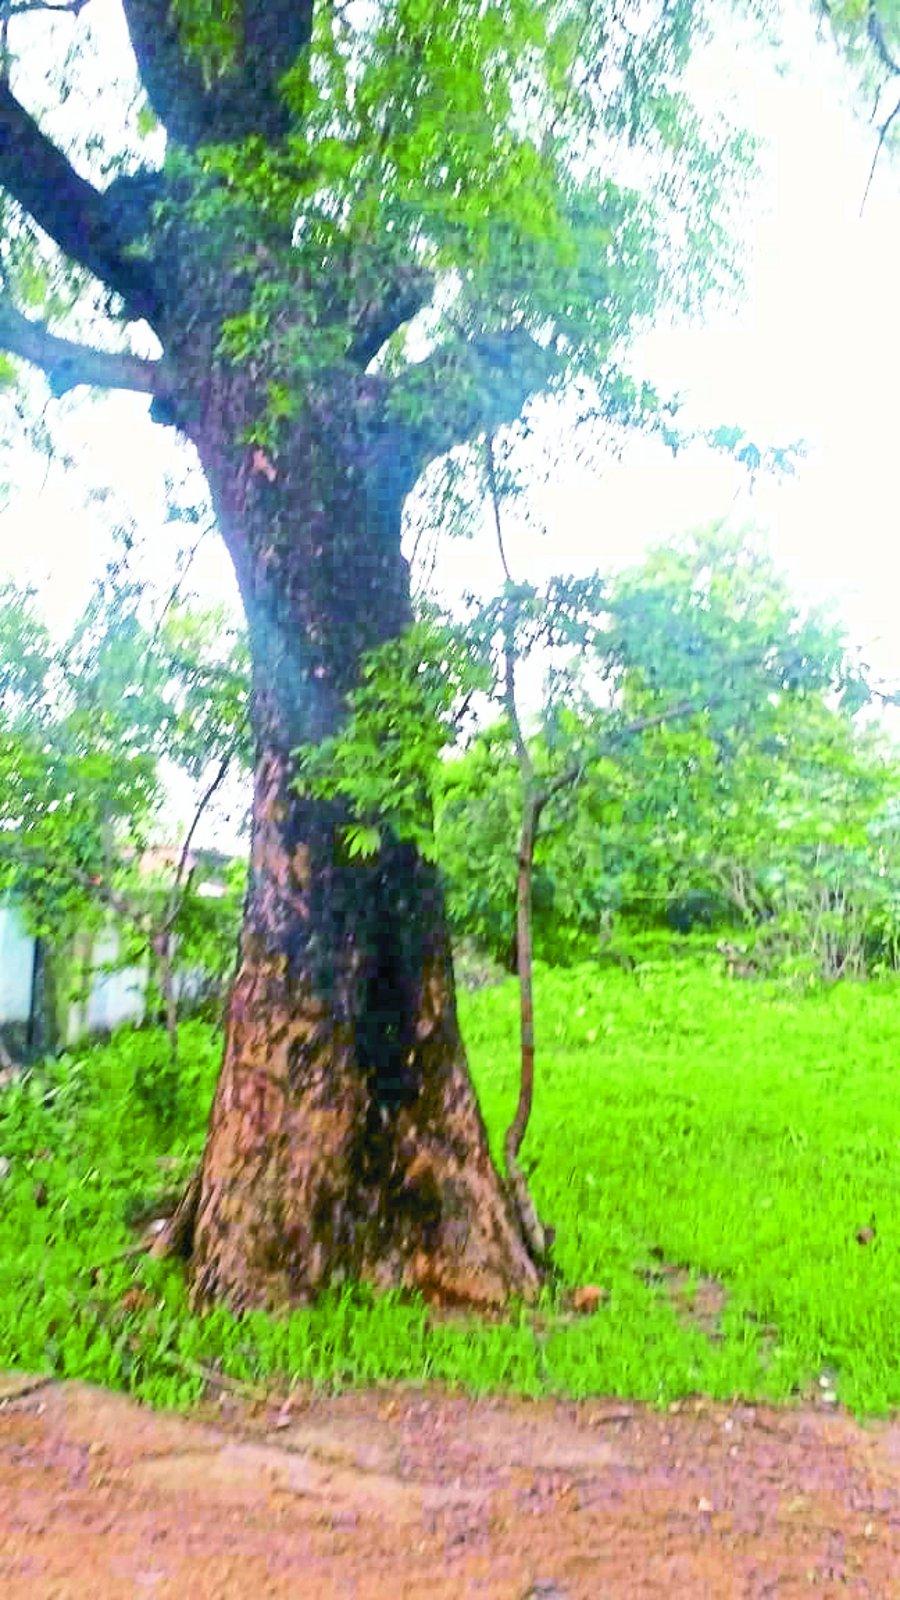 व्यंगकार की याद दिलाता है यह नीम का पेड़